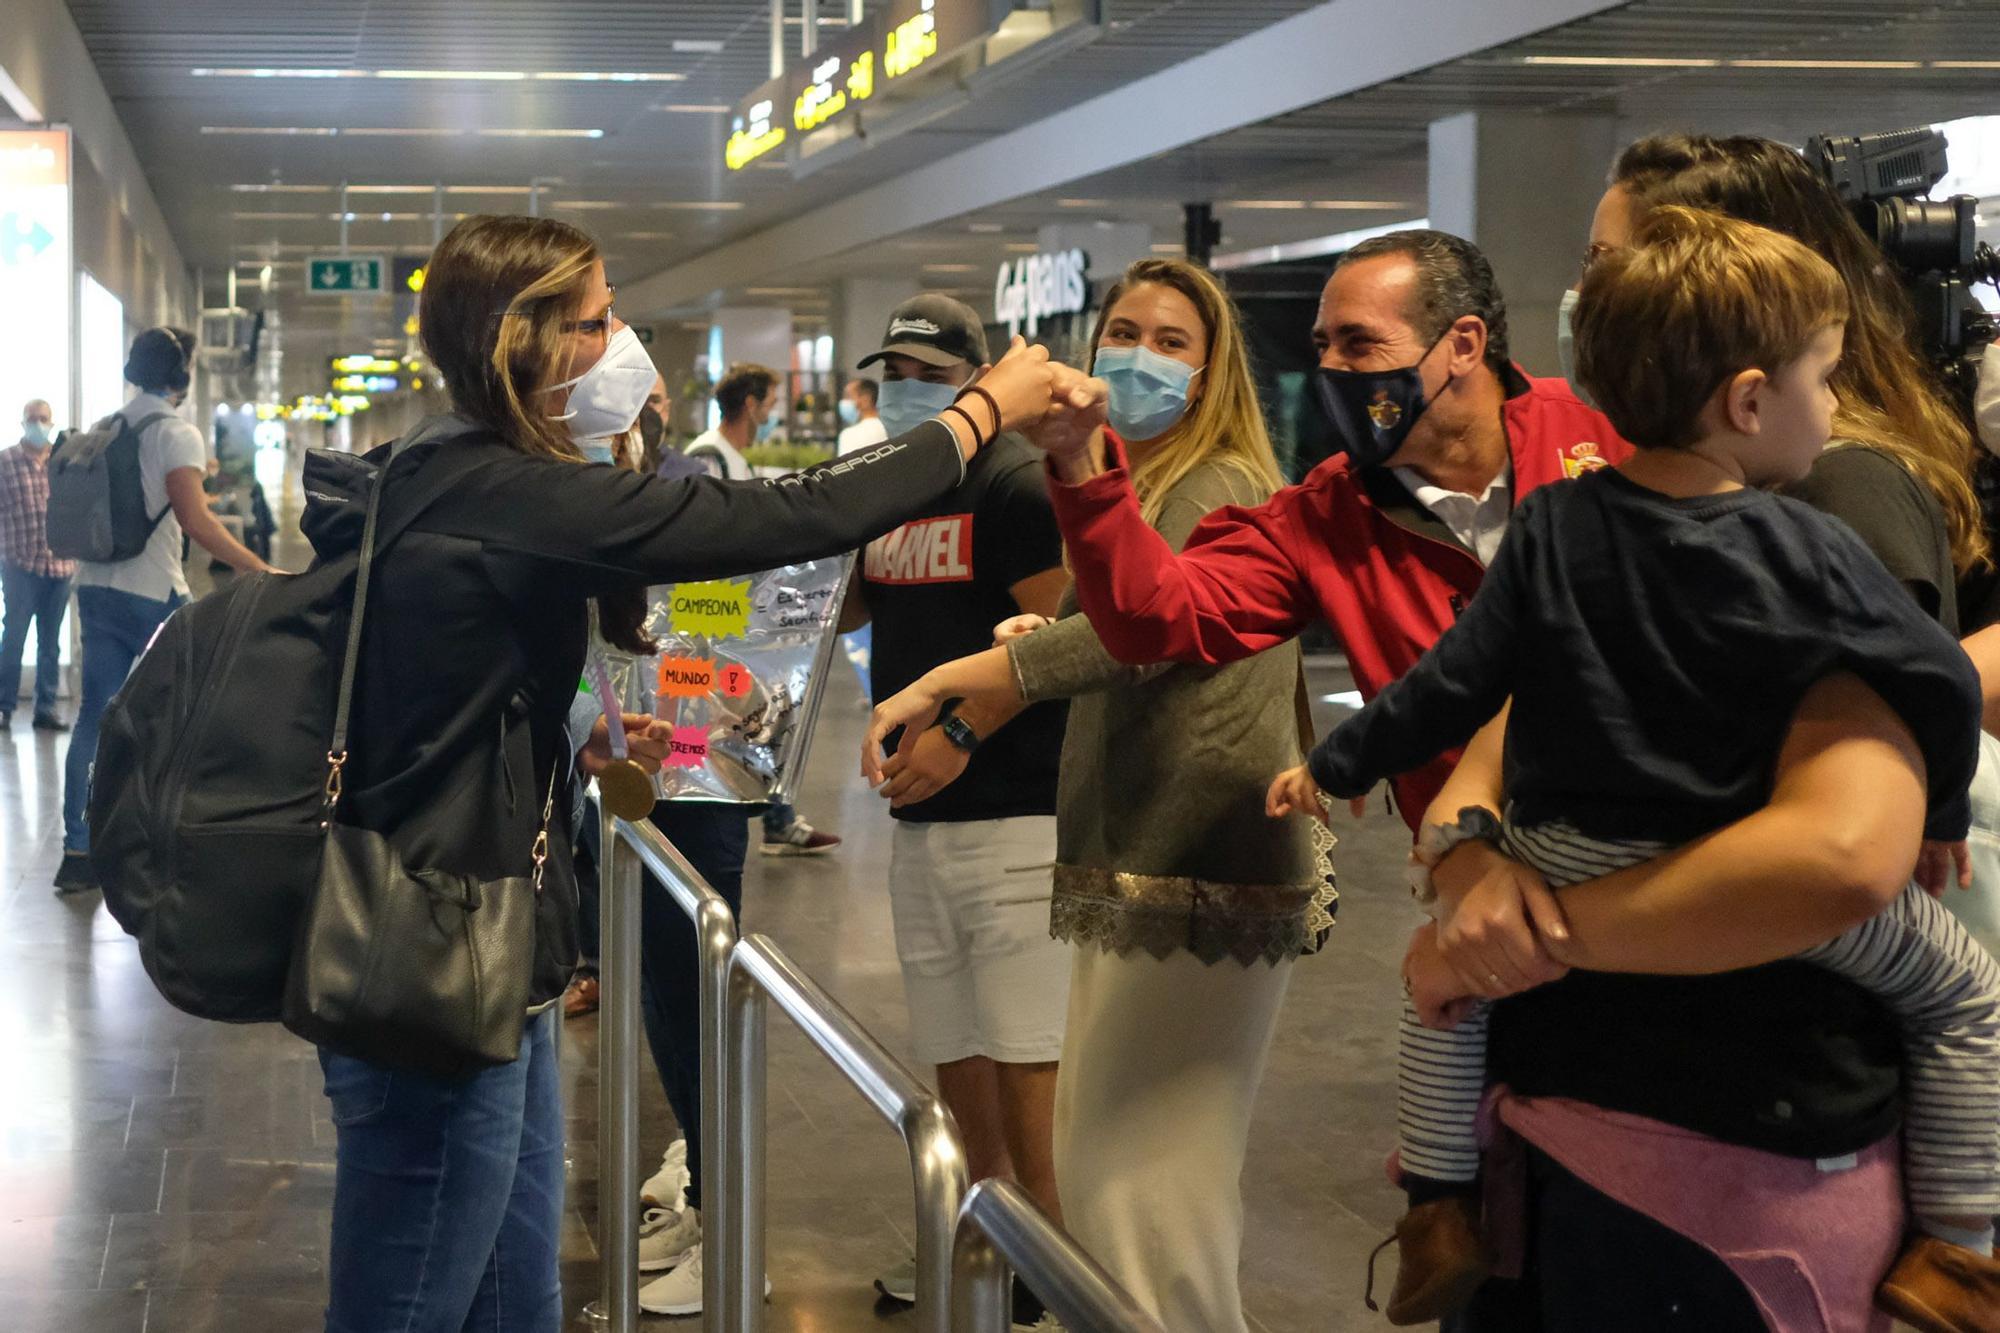 La regatista Patricia Cantero, campeonas del mundo de 470, a su llegada a Gran Canaria